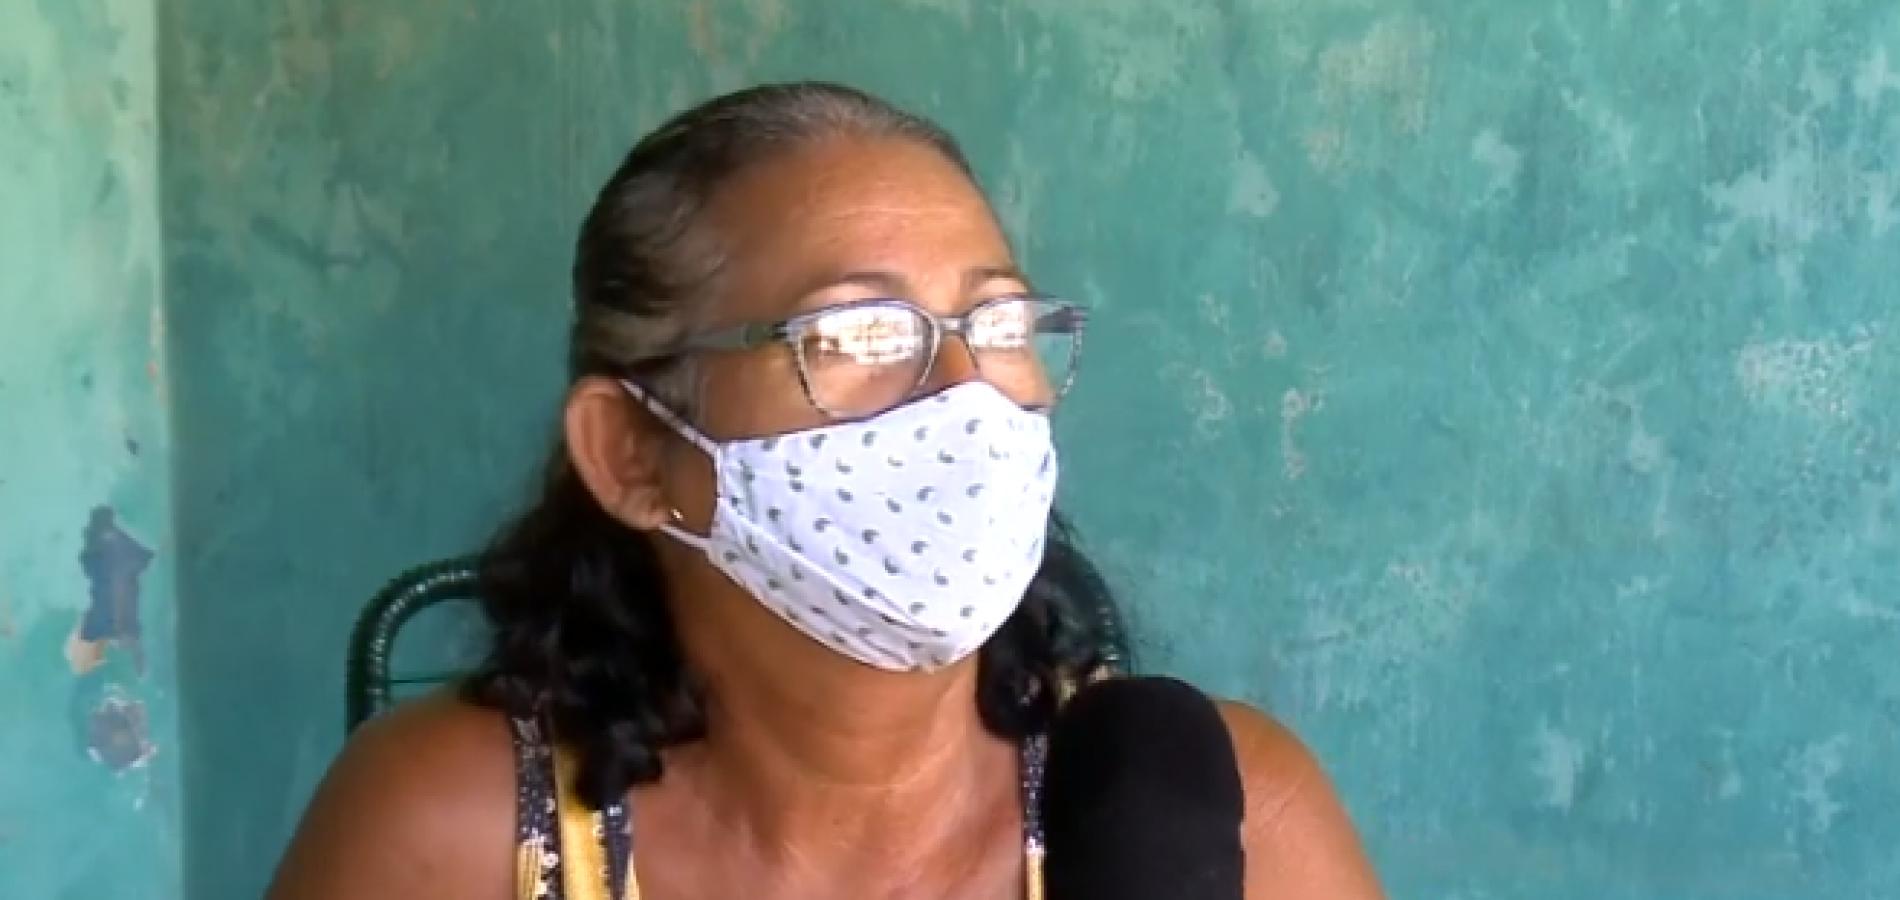 Covid: família no PI relata erro em declaração de óbito e mudança de sepultamento